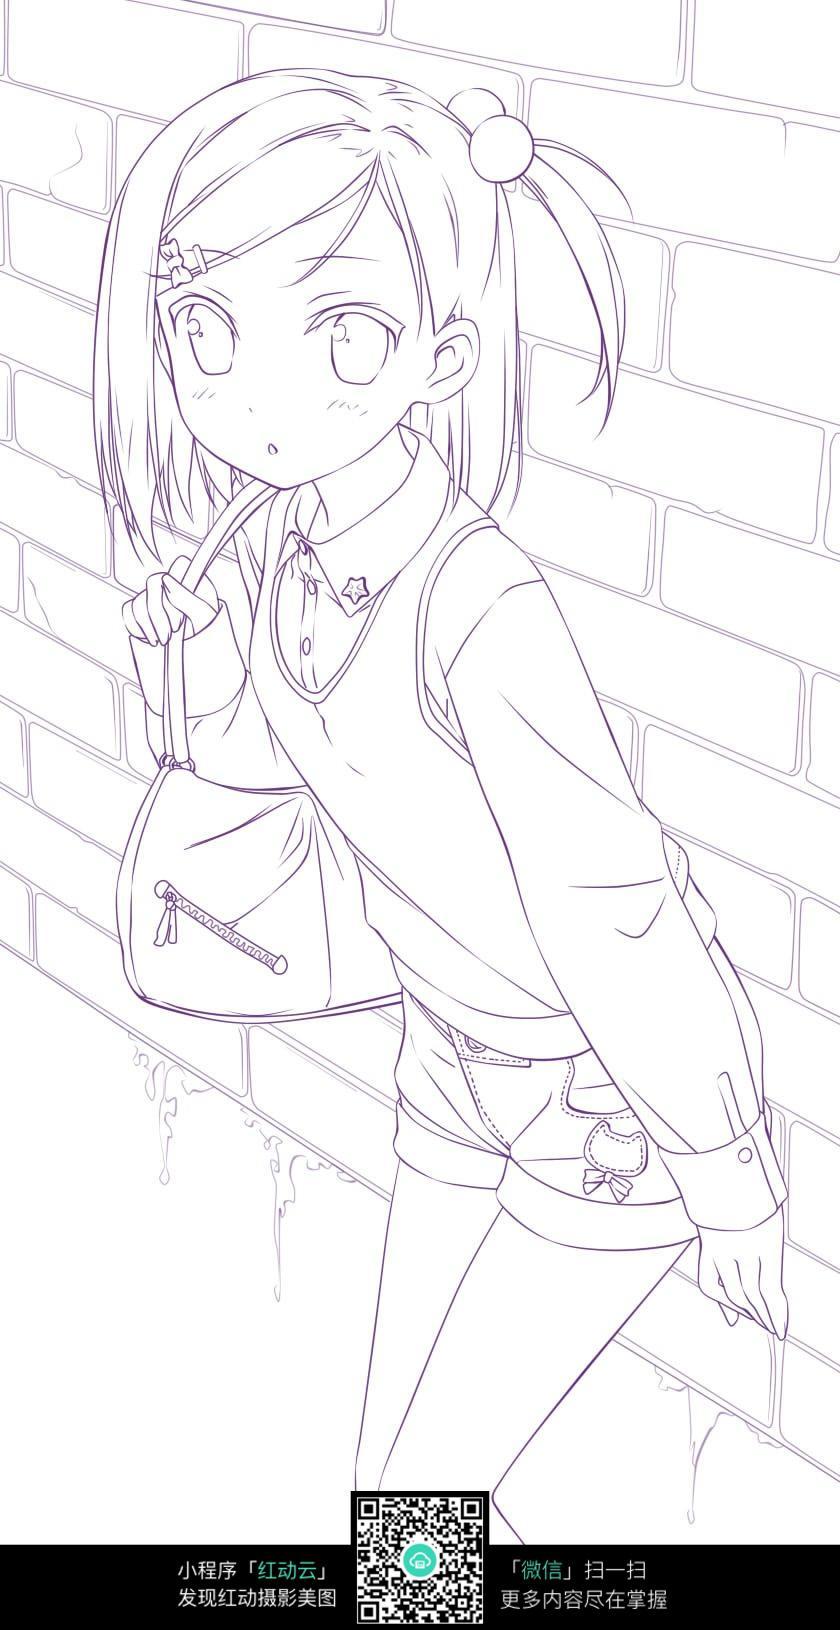 背靠背的女孩卡通手绘线稿